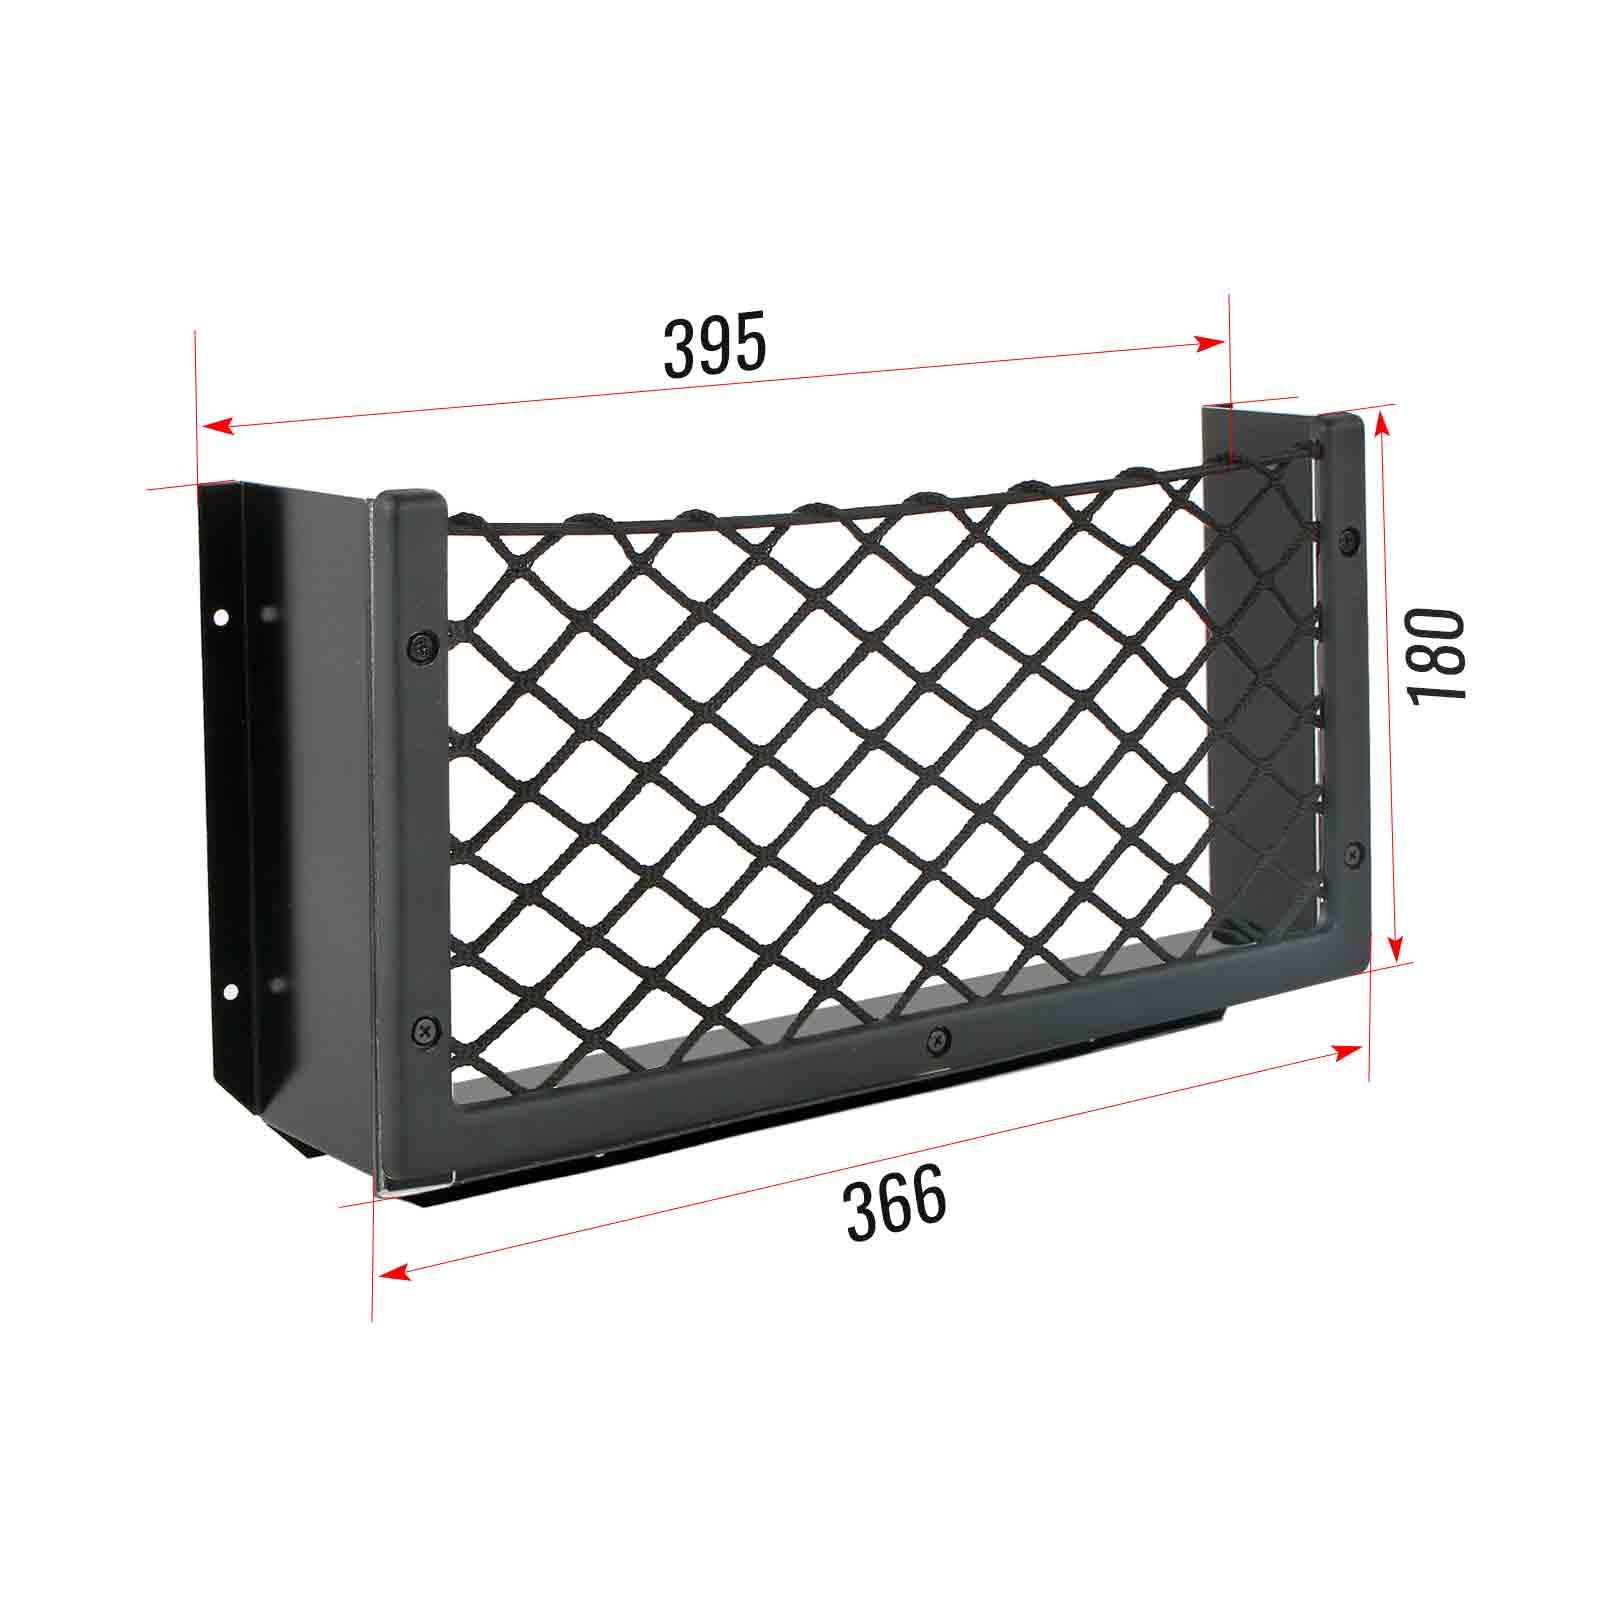 Netzablagefach M 366 x 180 mm x 80 mm + Abstandshalter